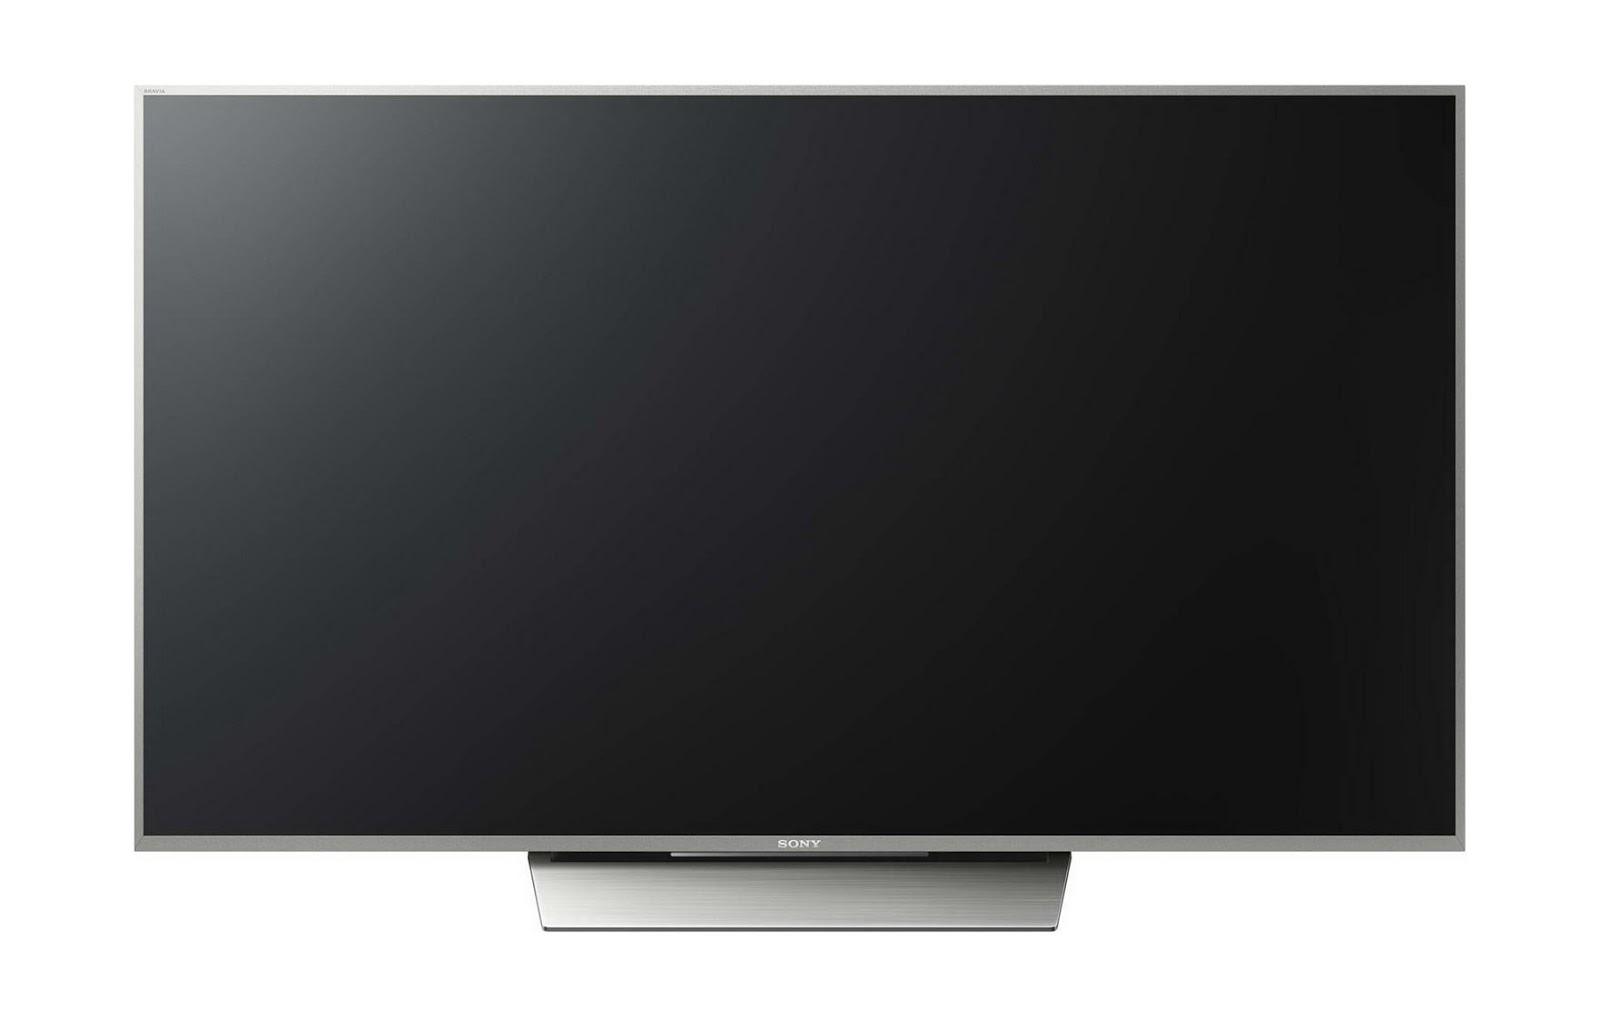 أسعار شاشات وتلفزيونات سوني Sony في السعودية 2020